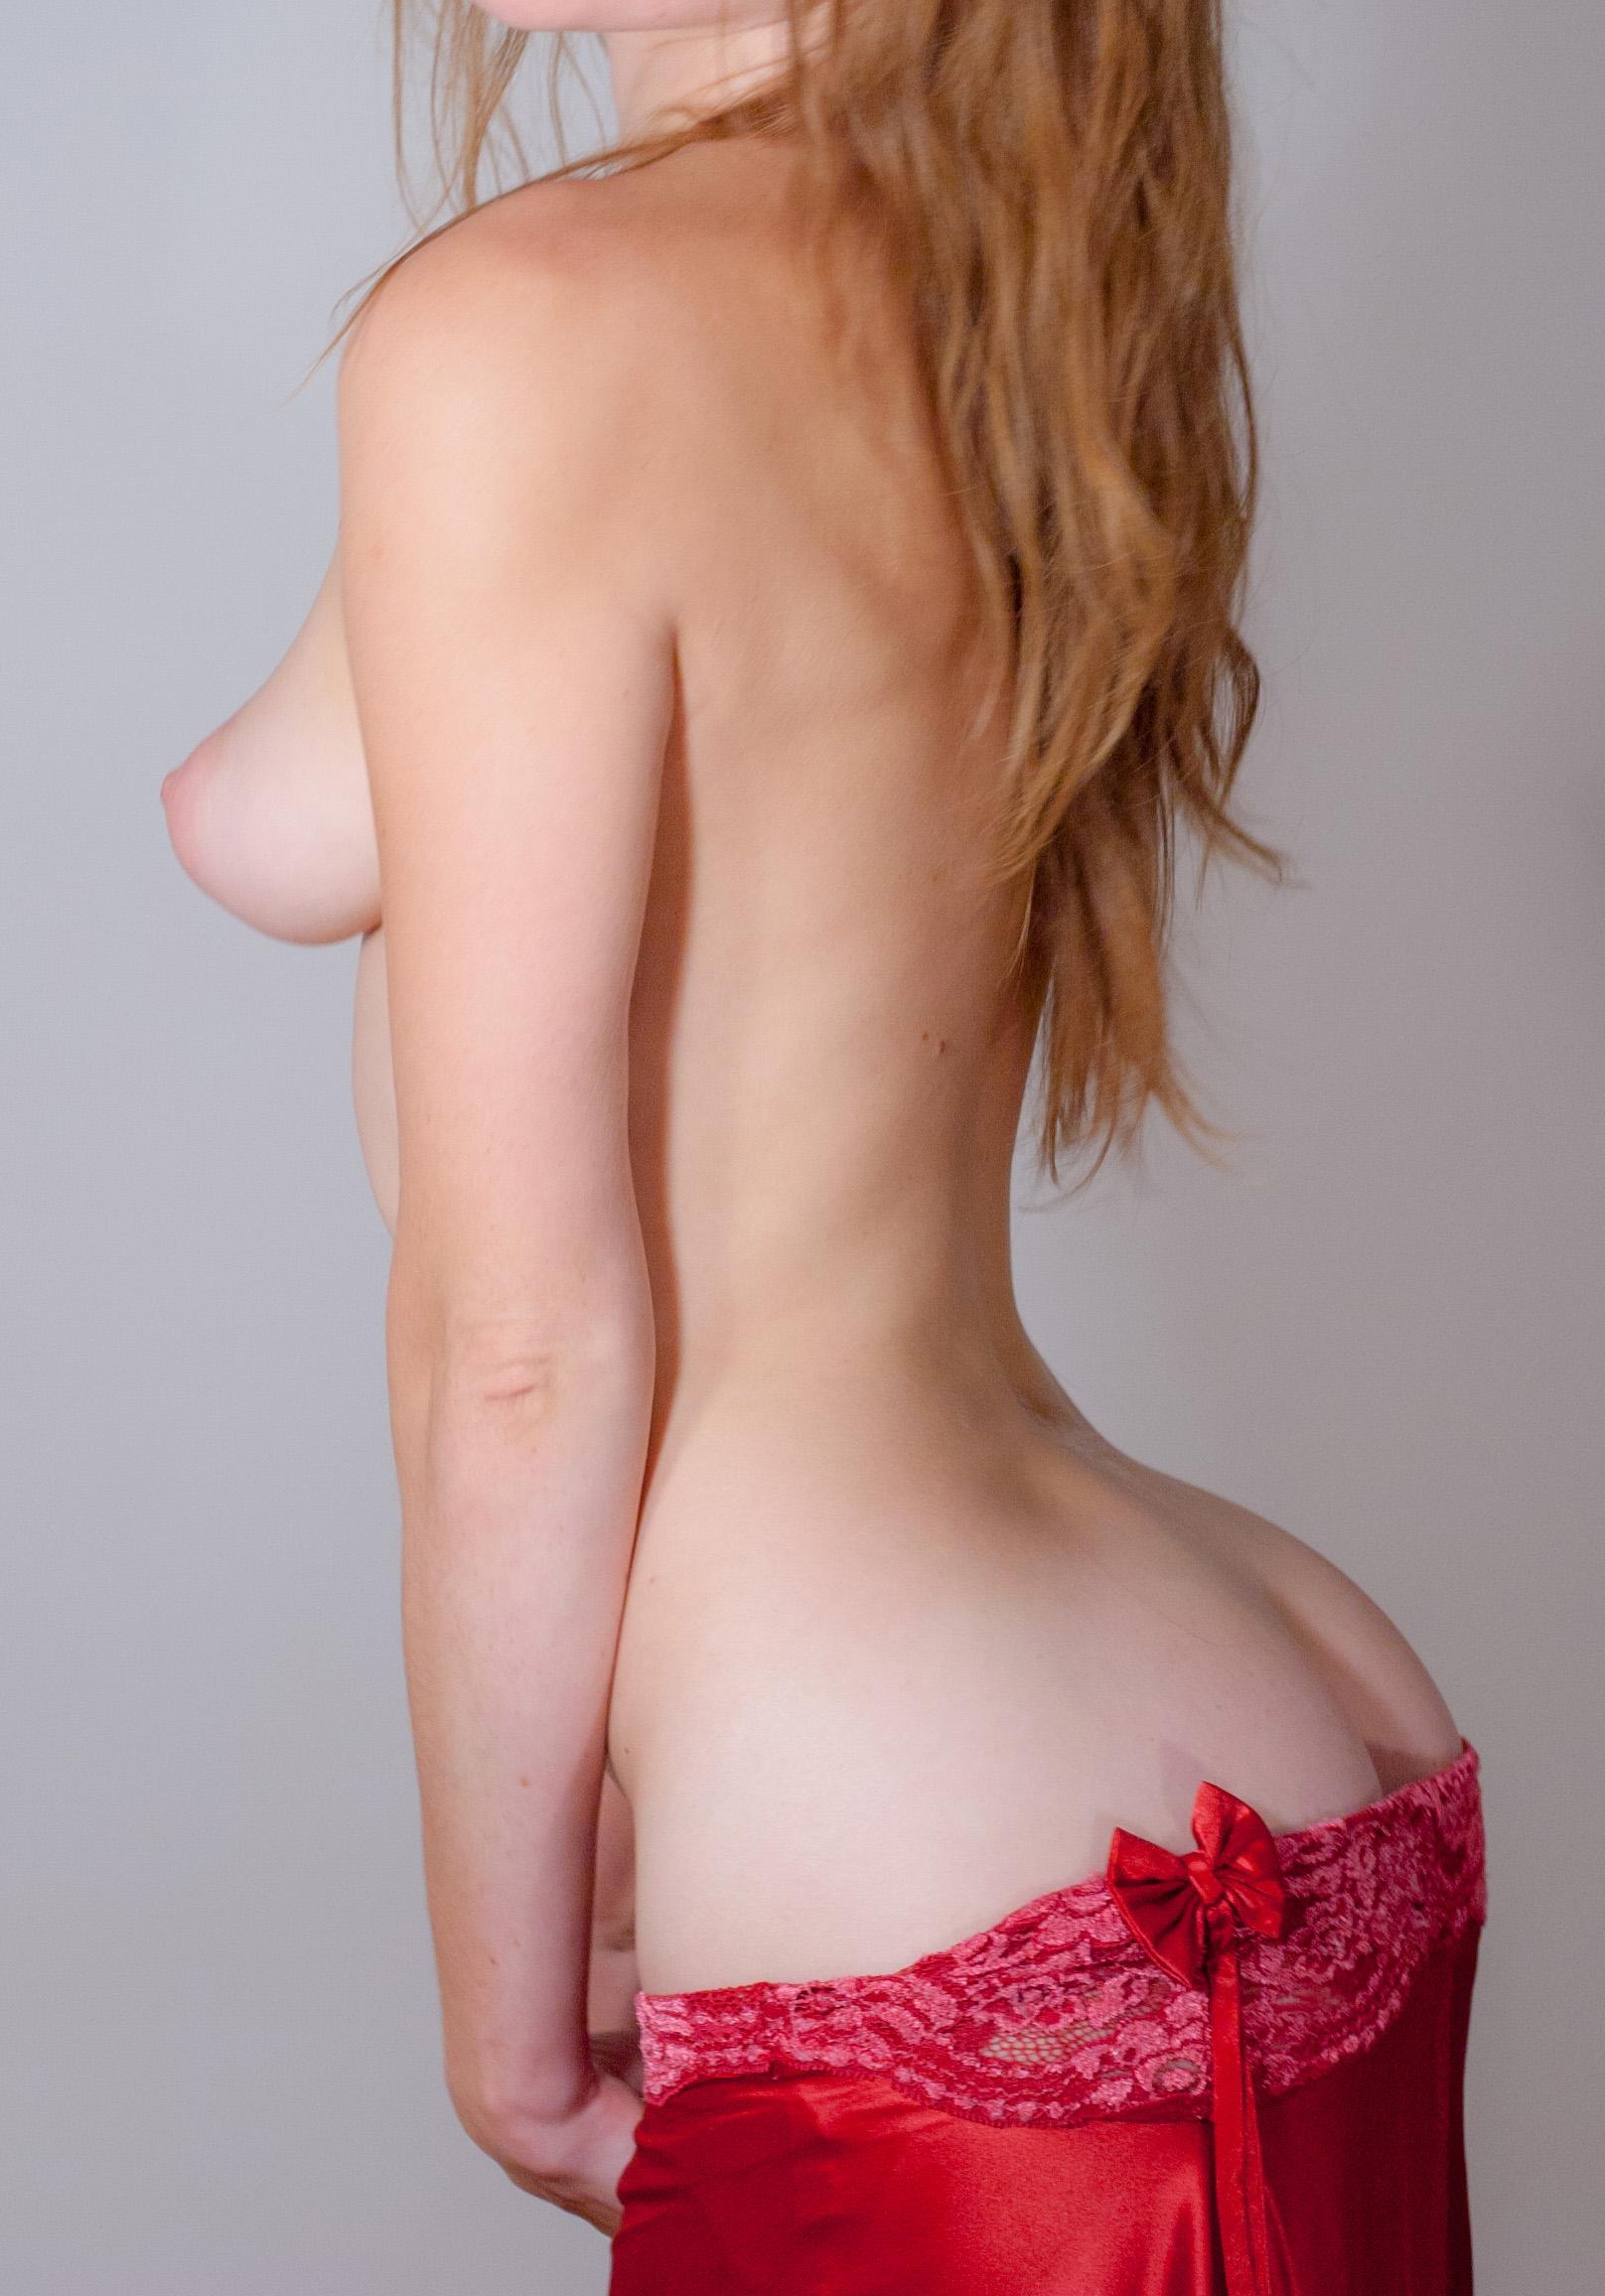 Любимая сексвайфочка